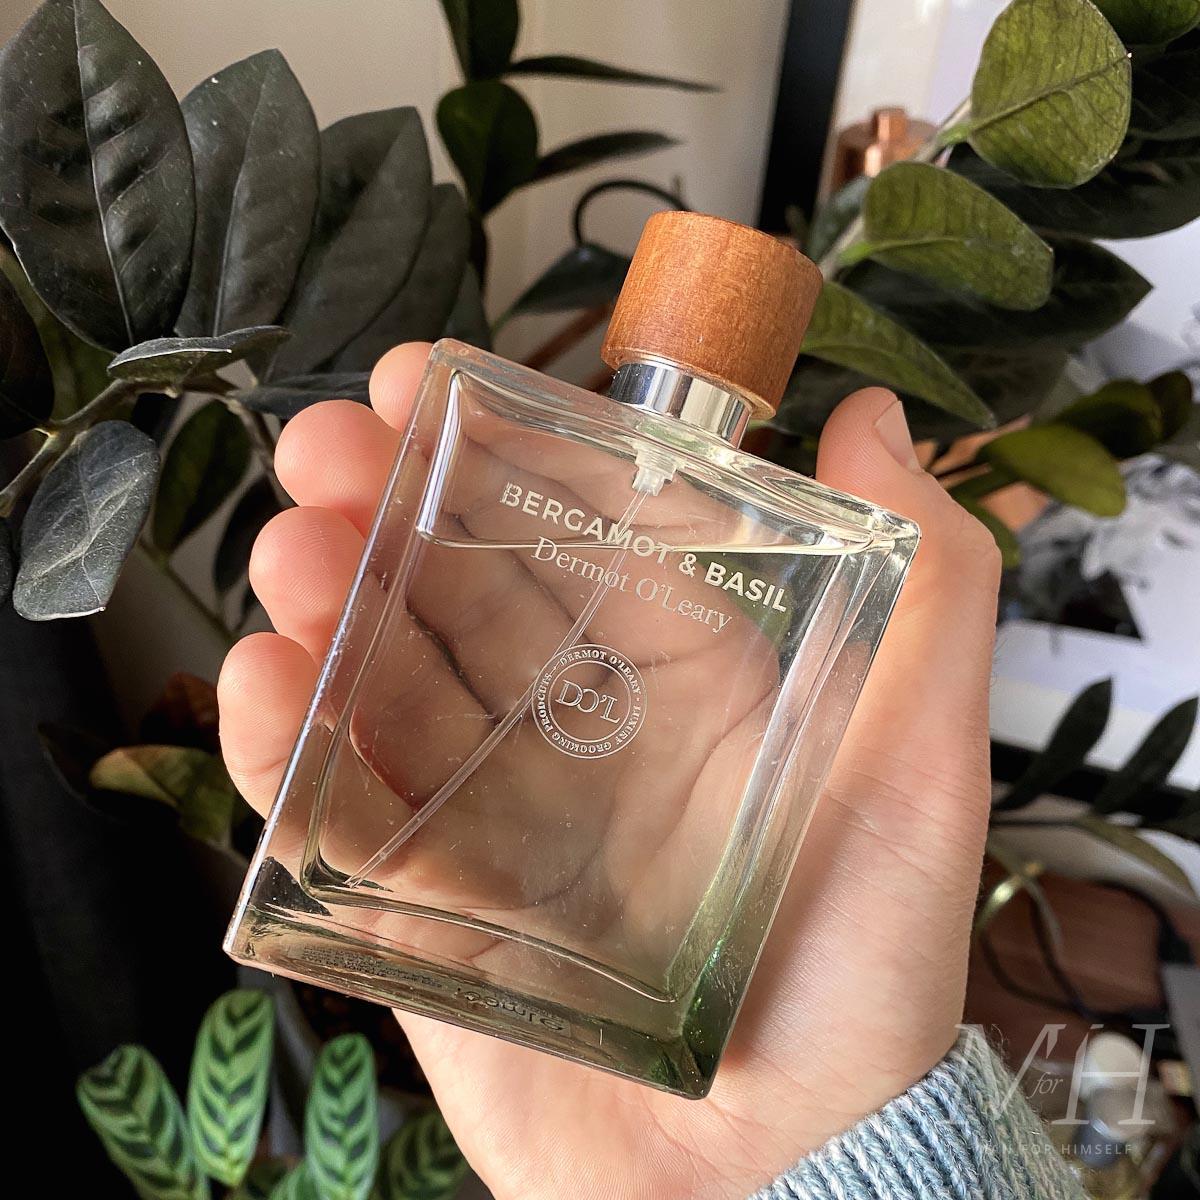 dermot-oleary-fragrance-bergamot-basil-product-review